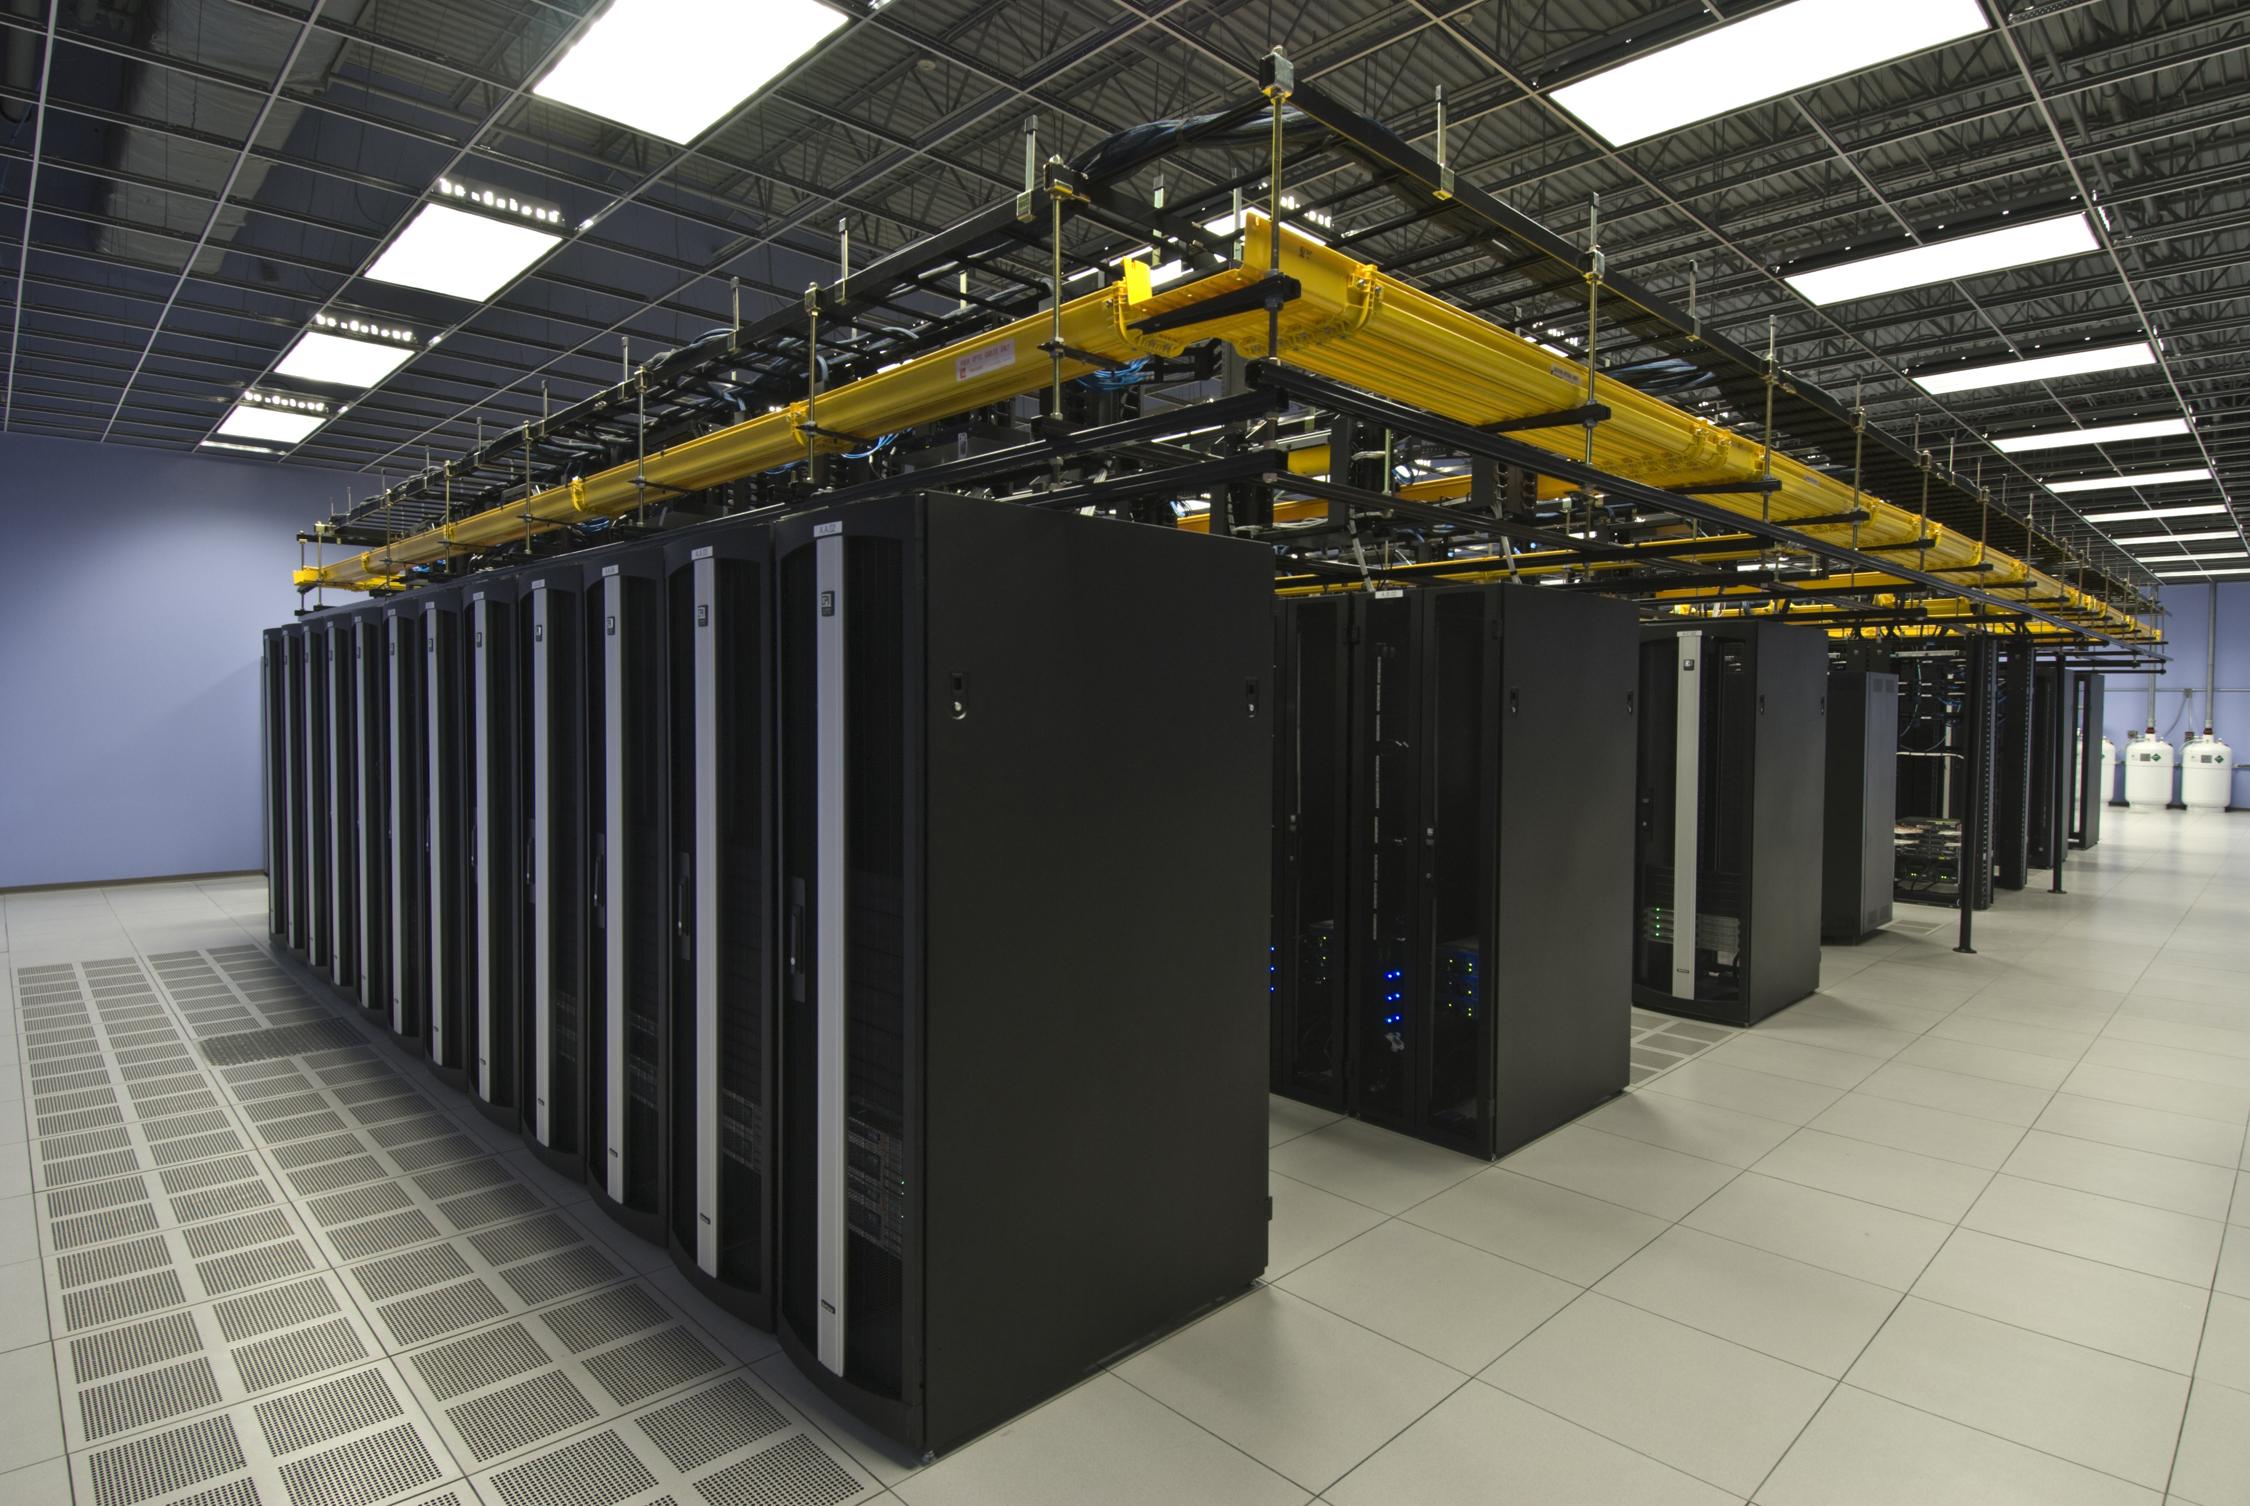 35_Rice Data Center_Hester 20.jpg